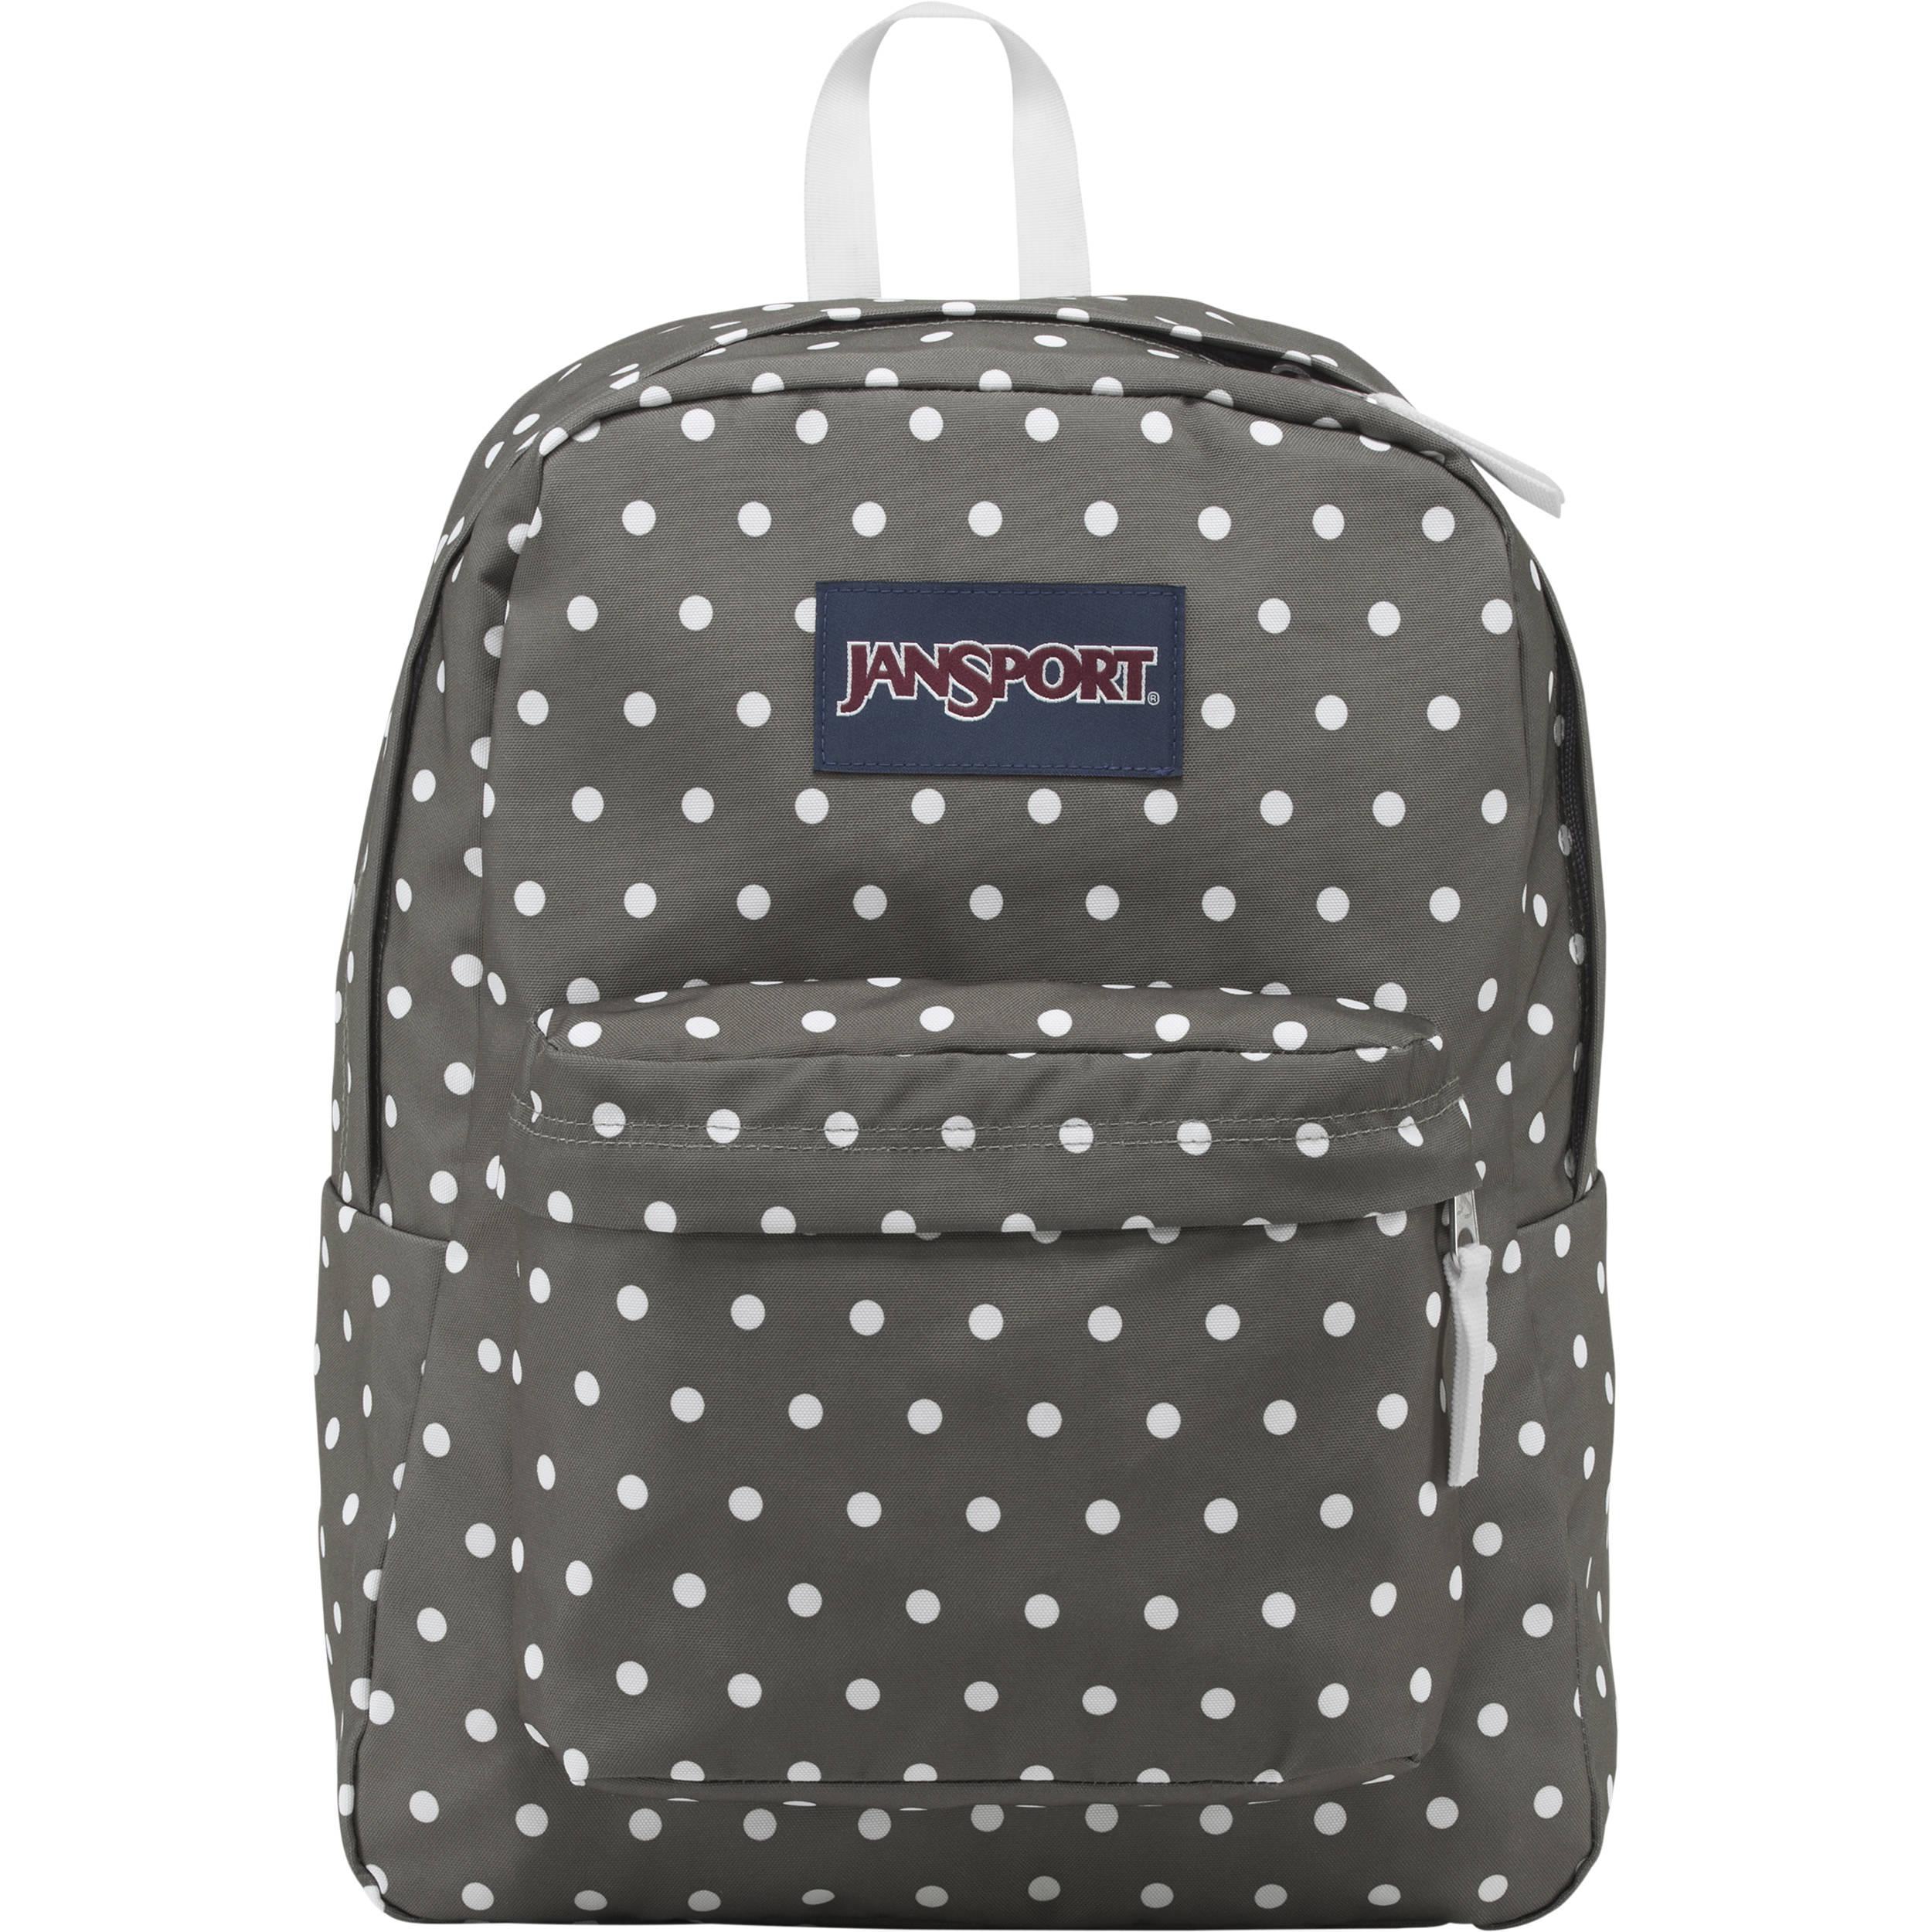 faf0d2701e JanSport SuperBreak 25L Backpack JS00T5010K4 B H Photo Video